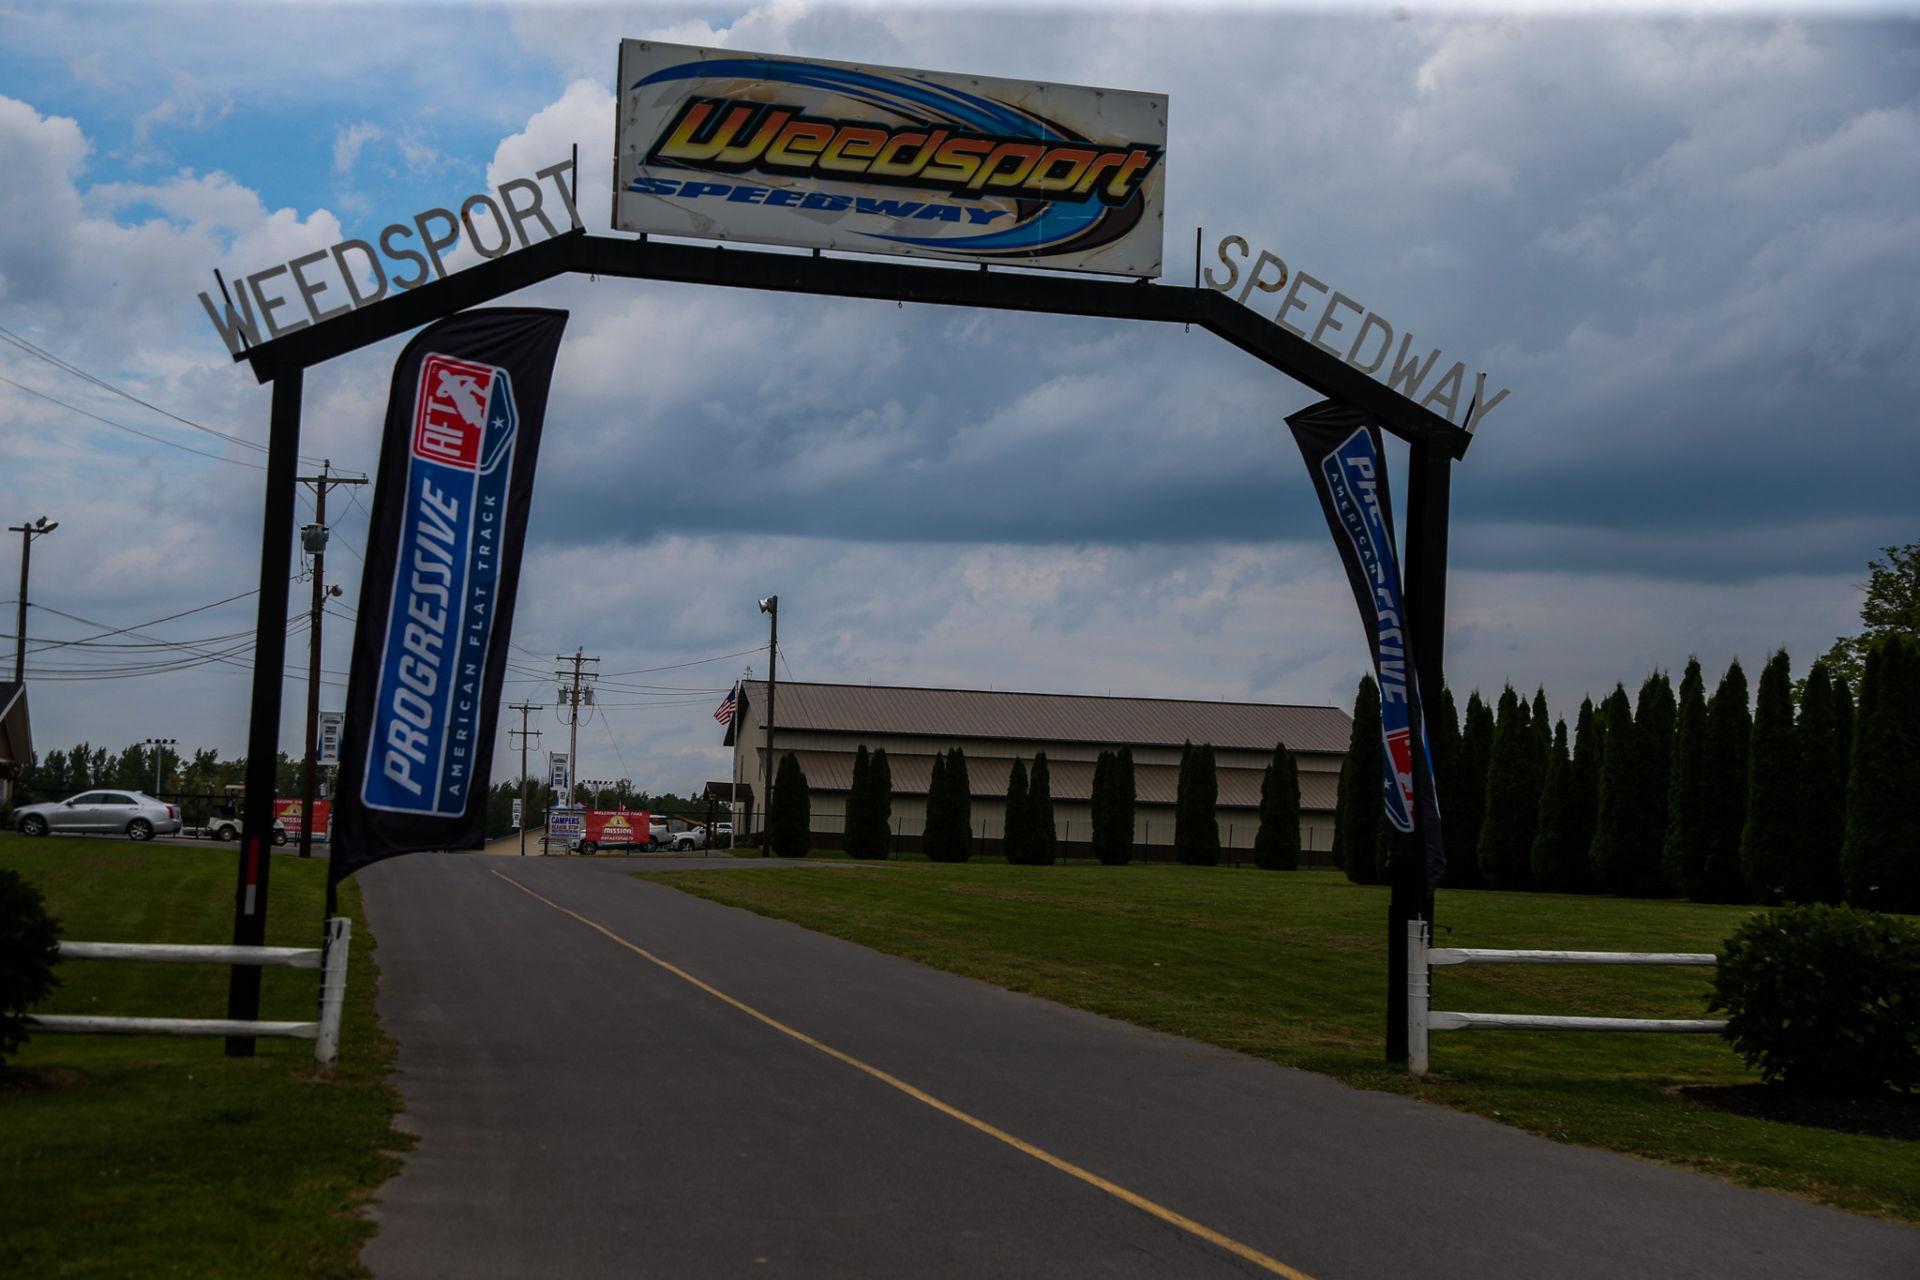 Weedsport Speedway. Photo by Scott Hunter, courtesy AFT.